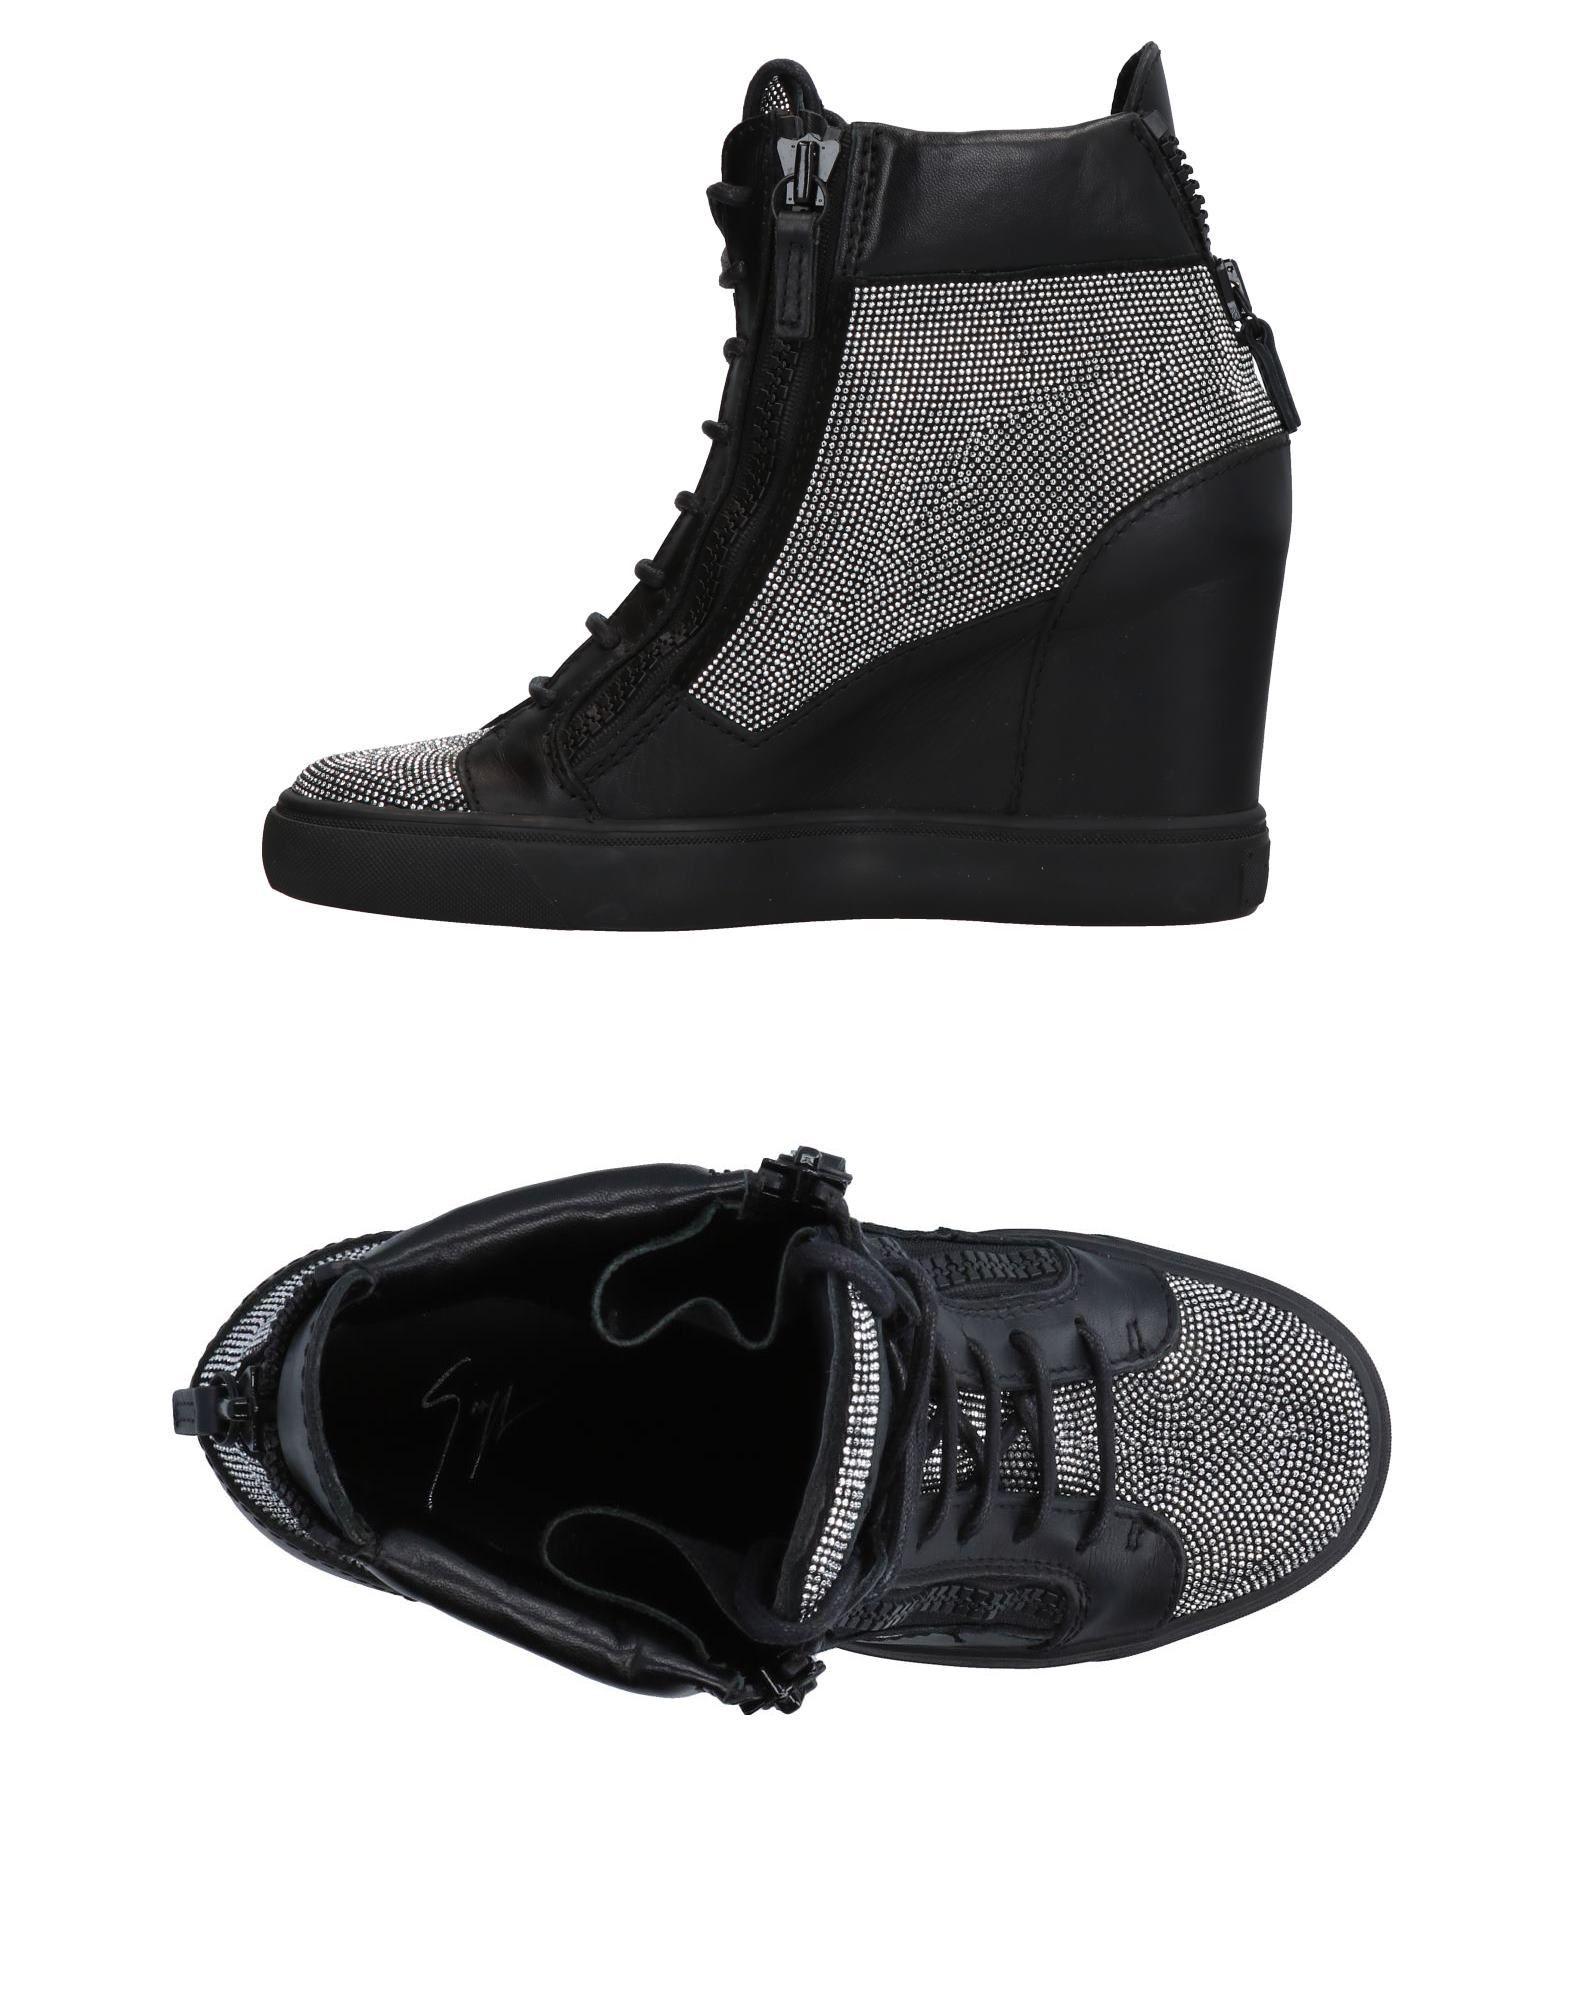 Tiempo limitado especial Zapatillas Giuseppe Mujer Zanotti Mujer Giuseppe - Zapatillas Giuseppe Zanotti  Negro 6e7c5a